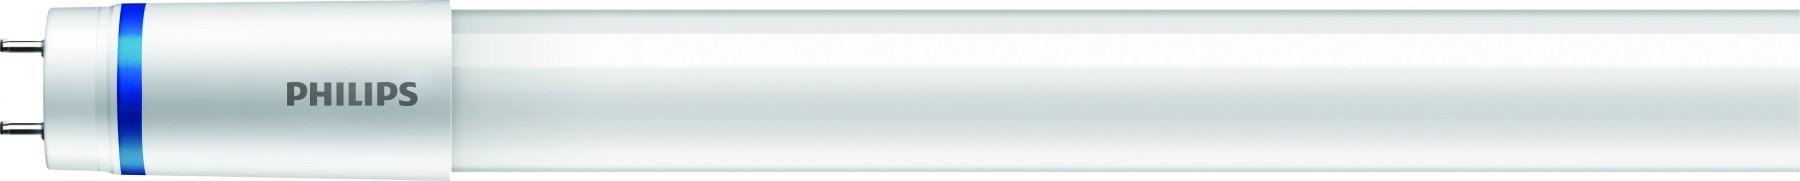 Philips Master LED tube Ultra Output 120 cm 18 Watt 2.500 Lumen Lichtfarbe wählbar